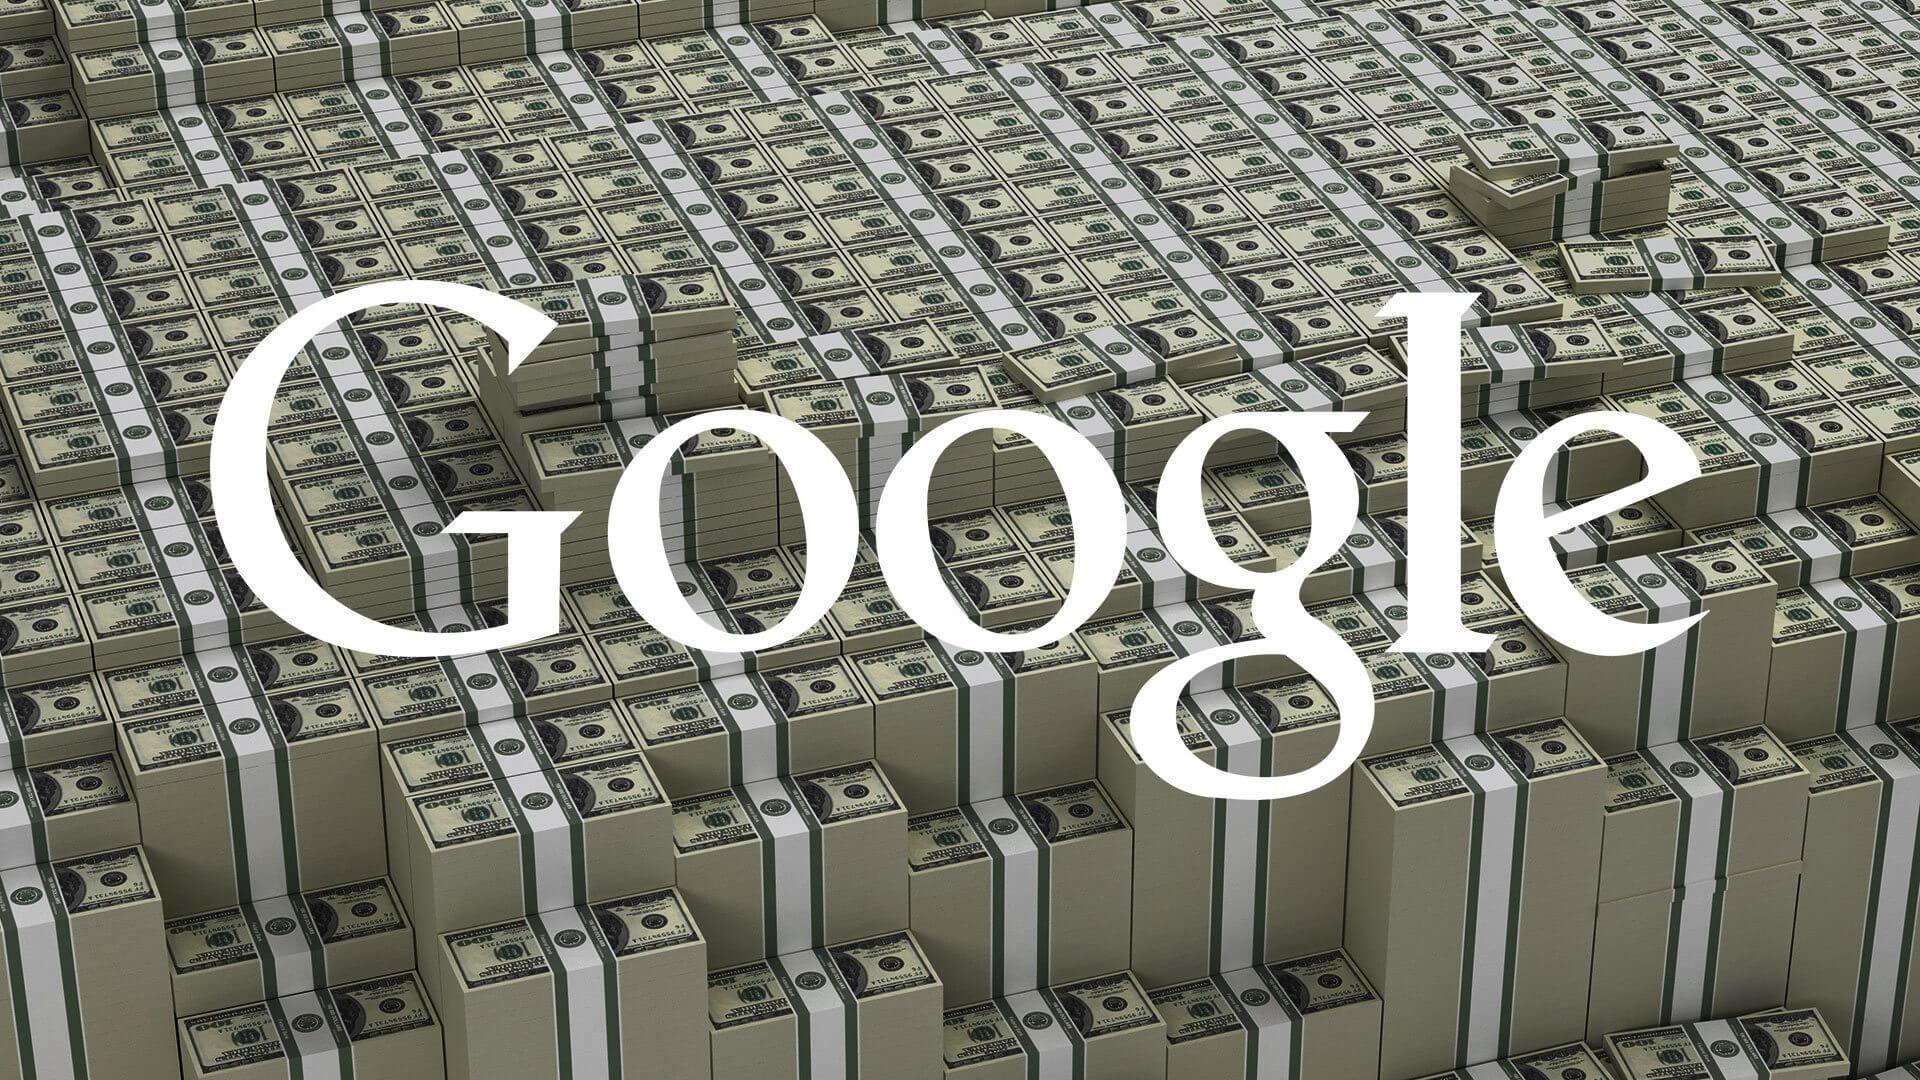 Pagar com Google